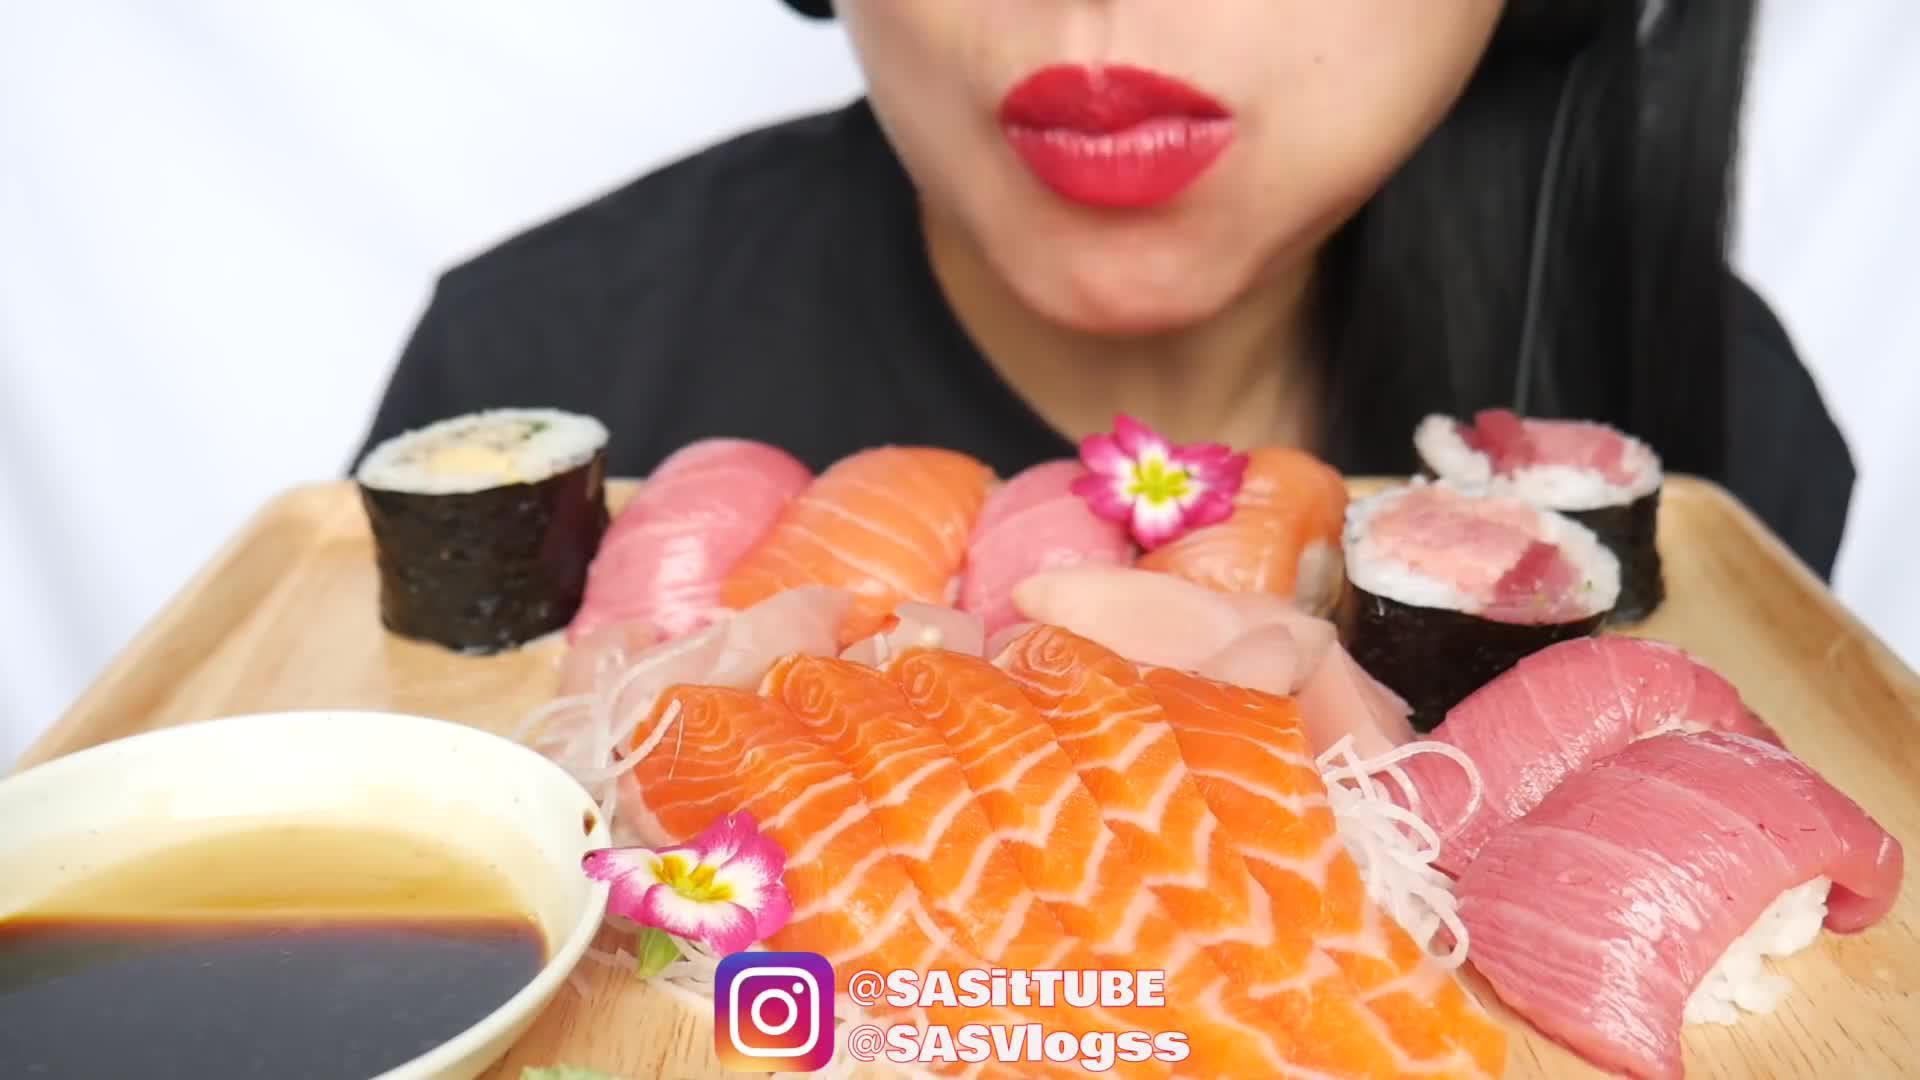 韩国大胃王吃三文鱼刺身,搭配寿司和紫菜卷,一口气吃干干净净!